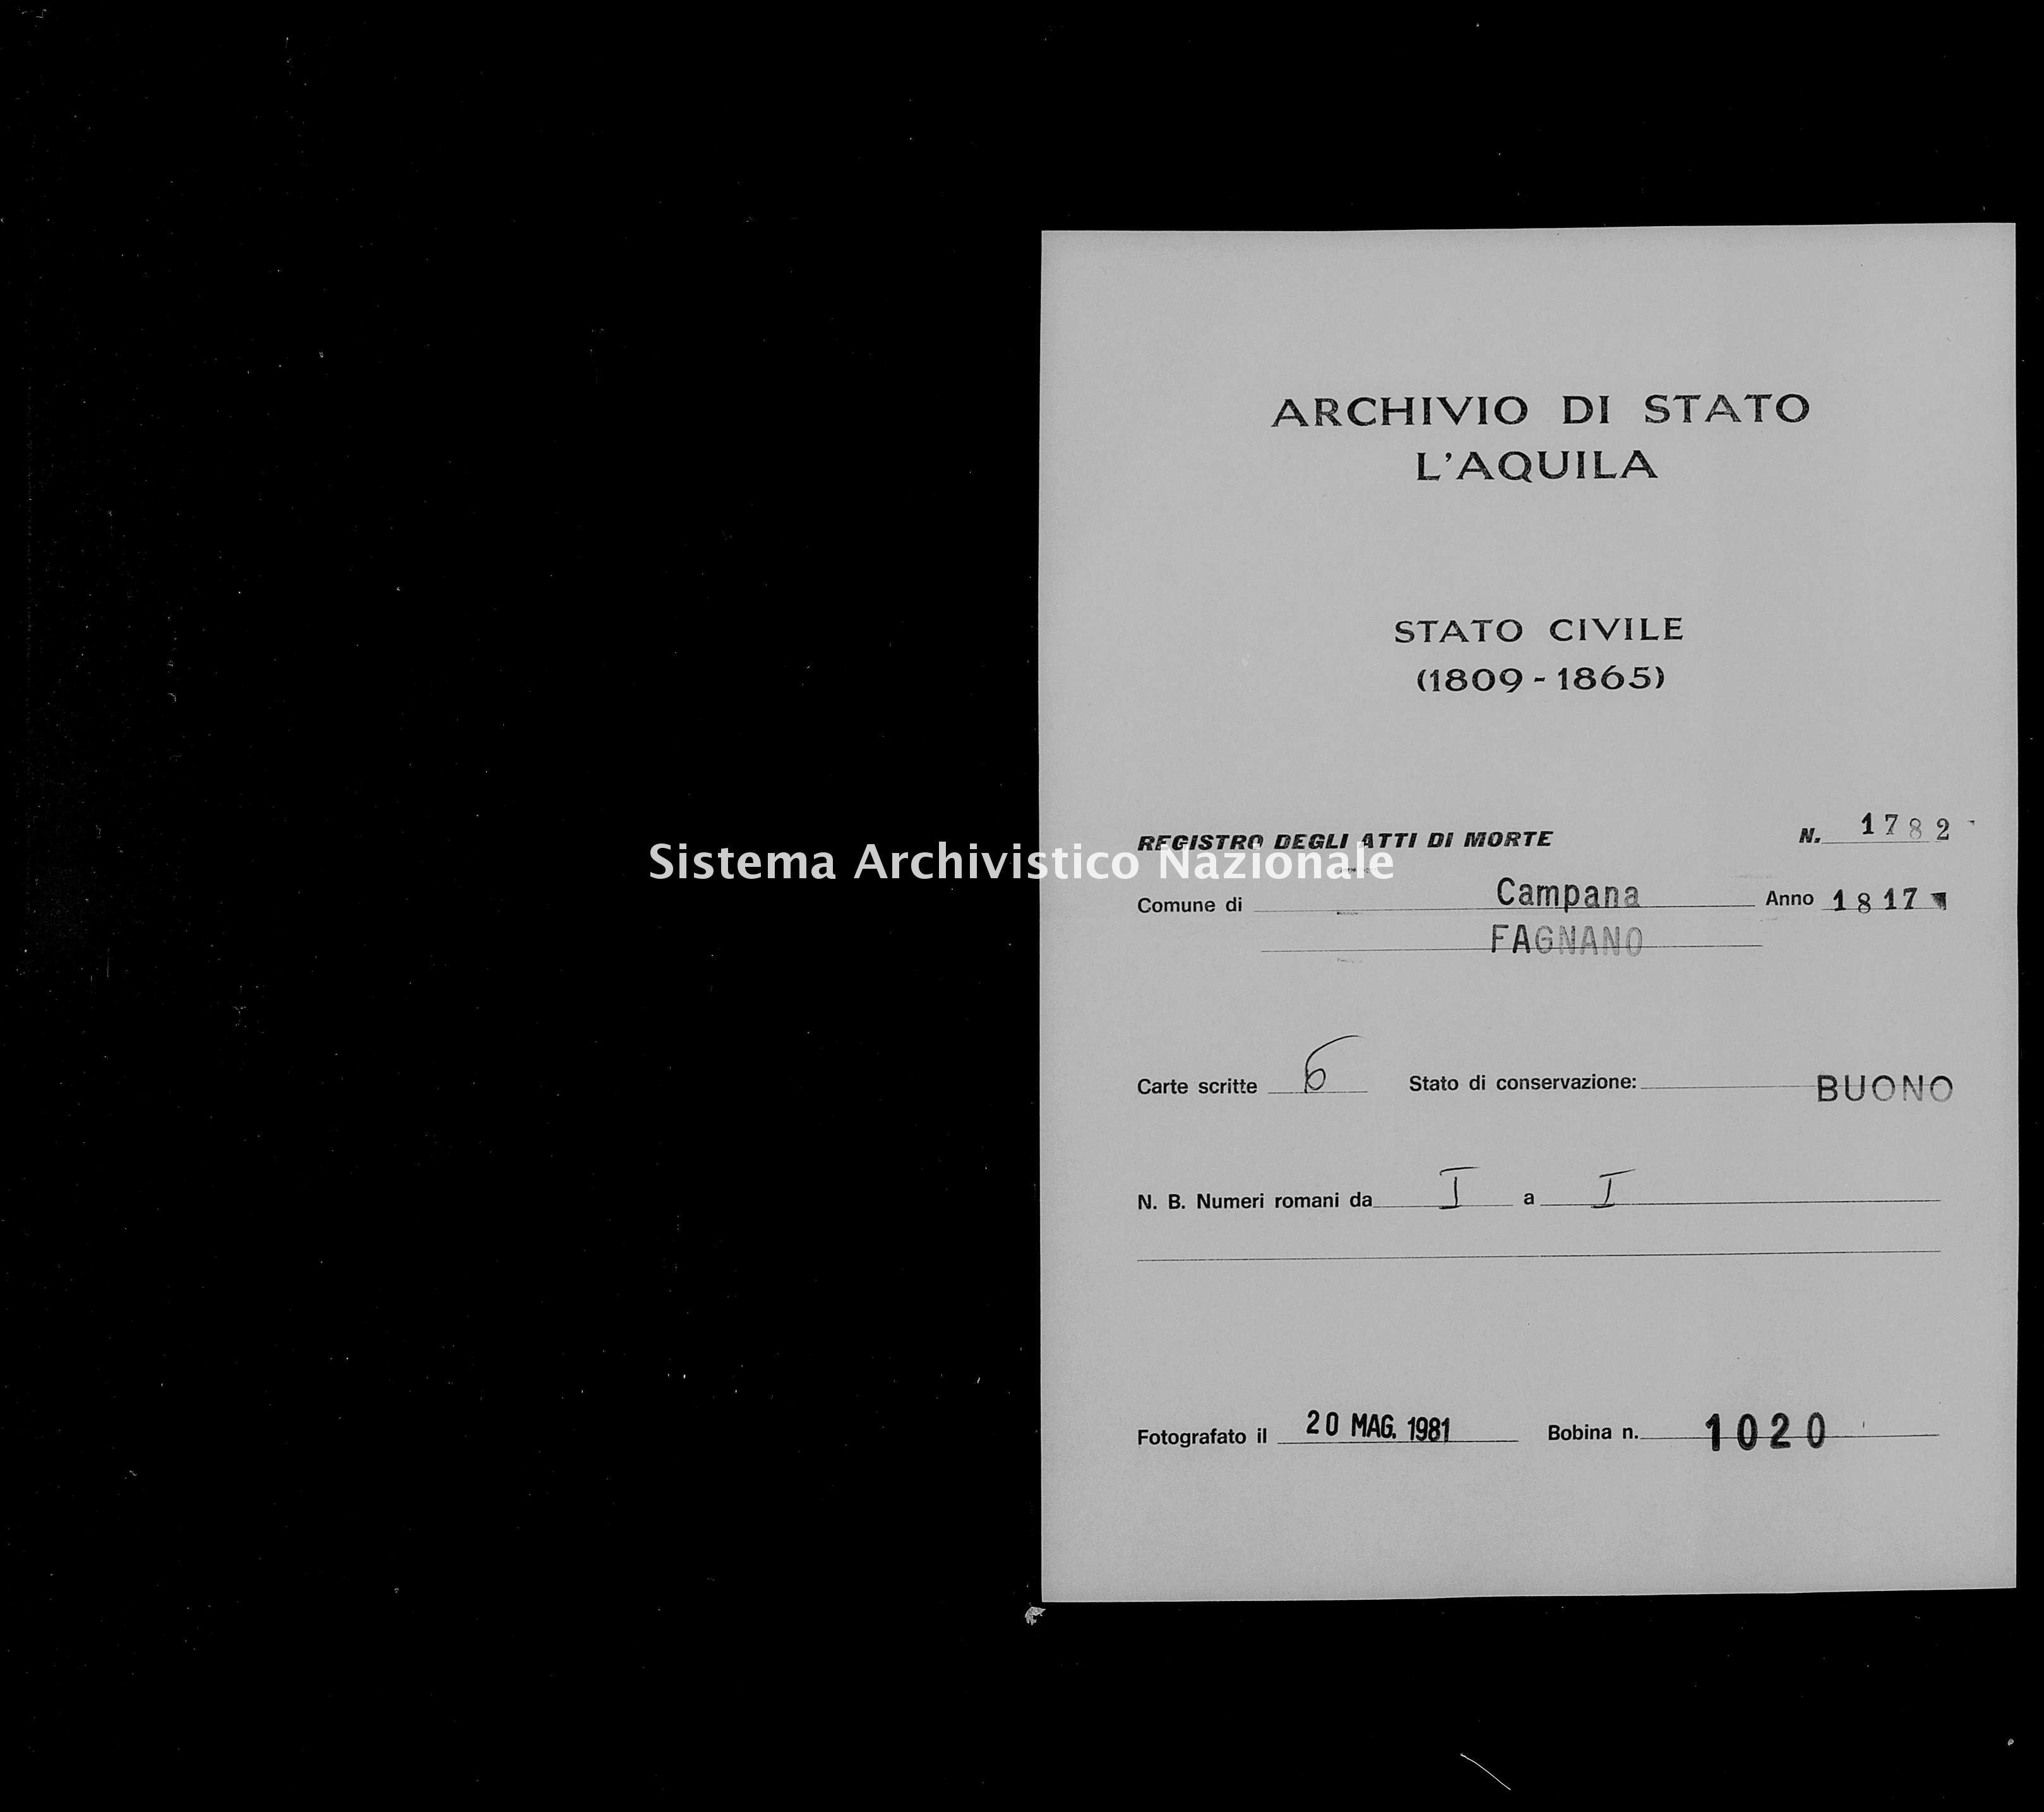 Archivio di stato di L'aquila - Stato civile della restaurazione - Campana - Morti - 1817 - 1782 -